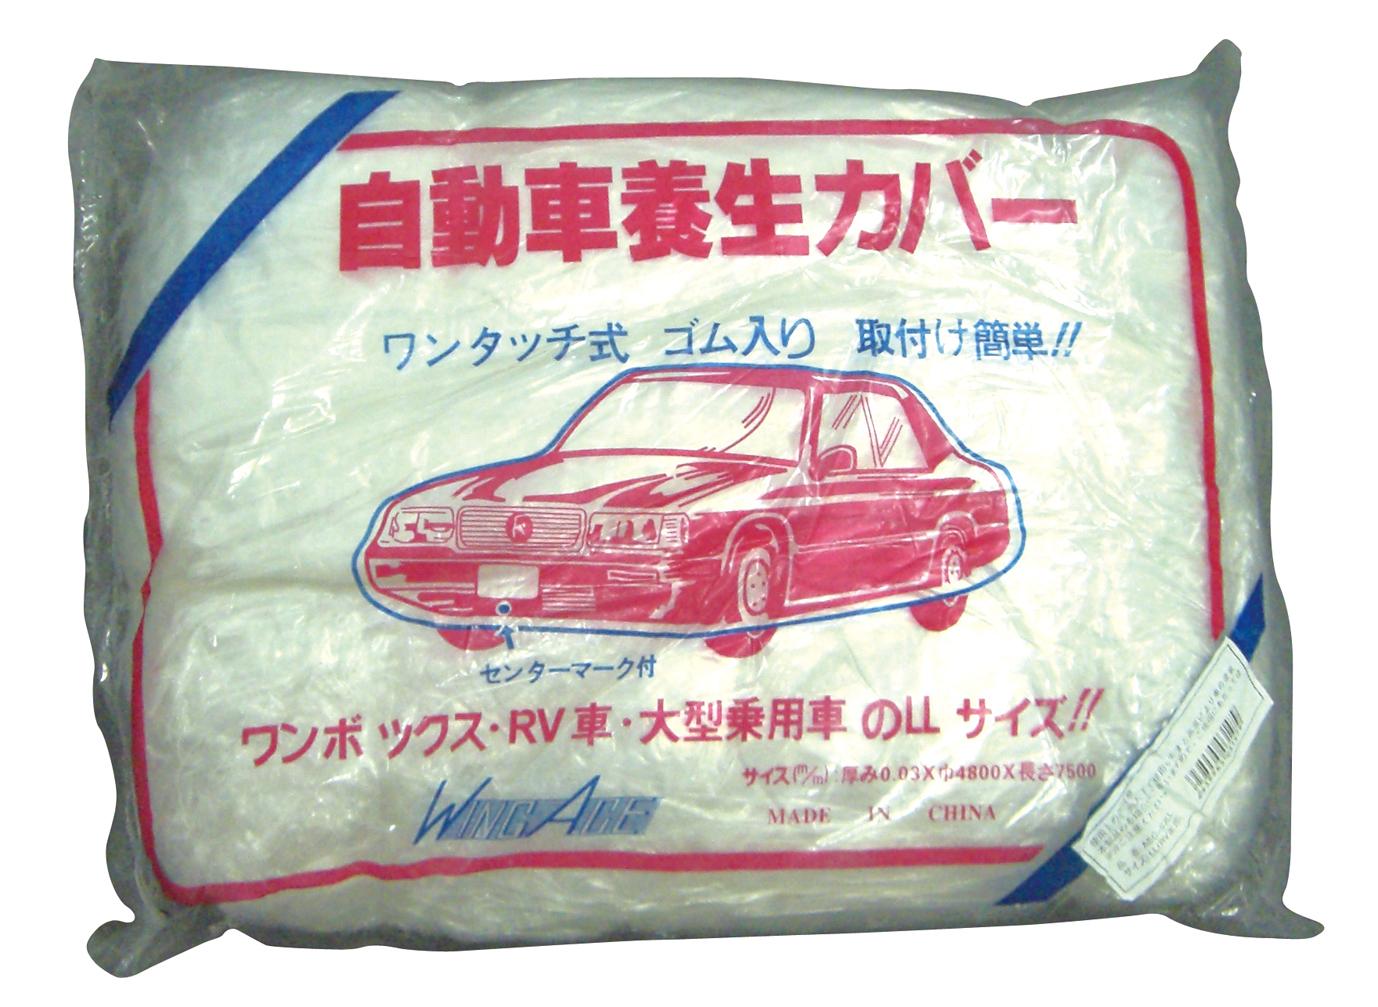 自動車養生カバー RV車用 送料無料!(0.03mm厚×4800mm×7700mm 60枚/セット)